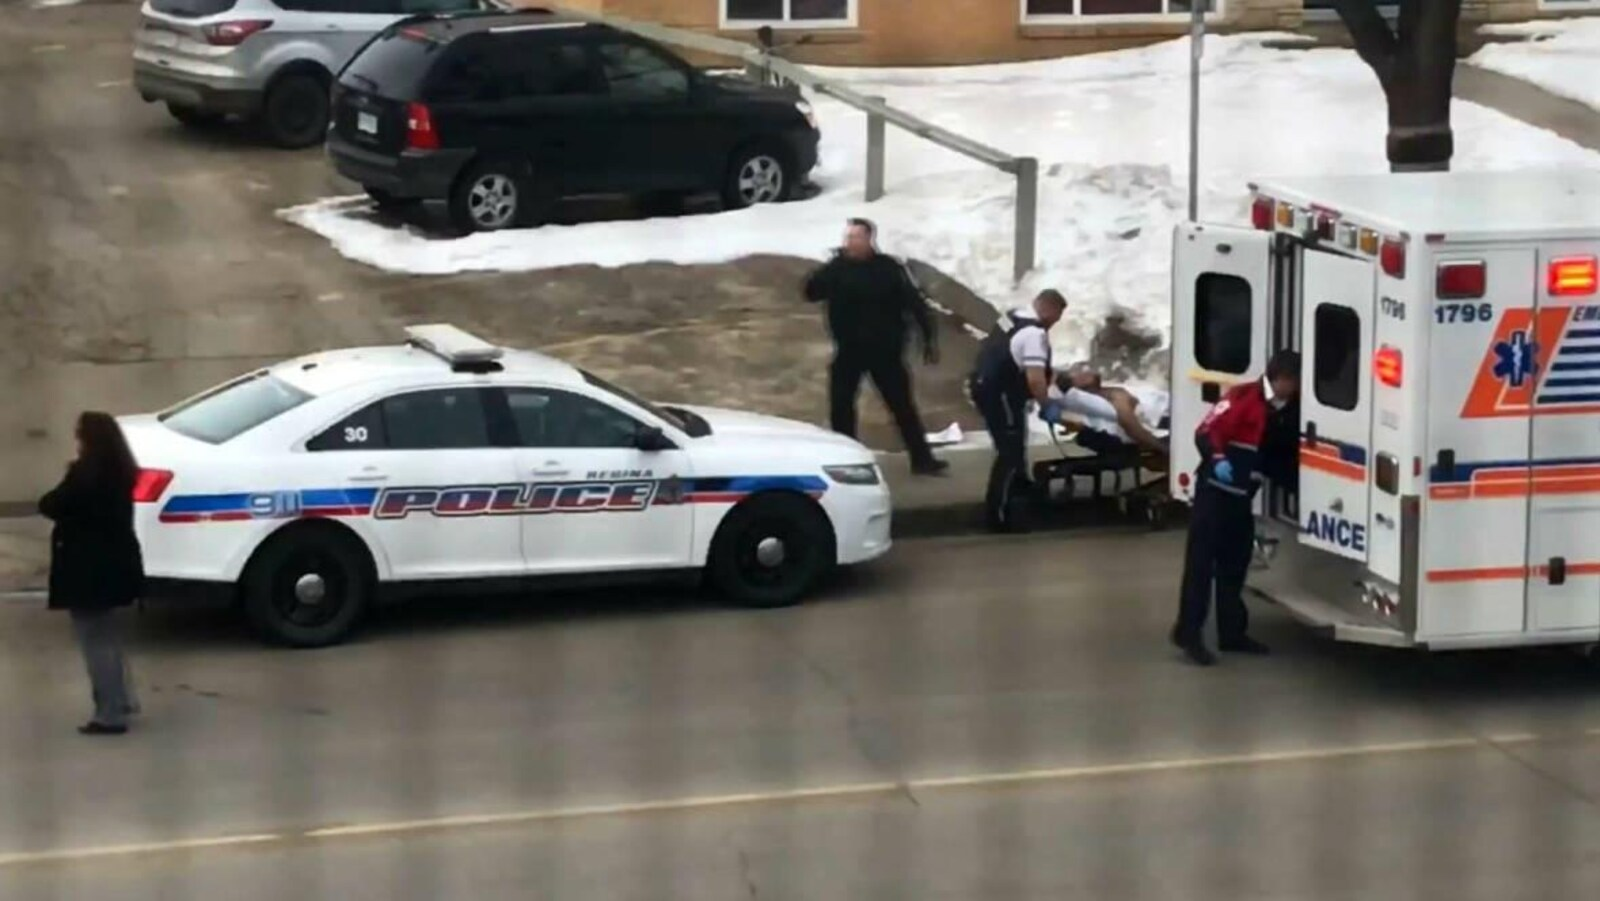 Le chauffeur de taxi blessé est allongé sur un brancard. Il s'apprête à être placé dans une ambulance avant son transport à l'hôpital.